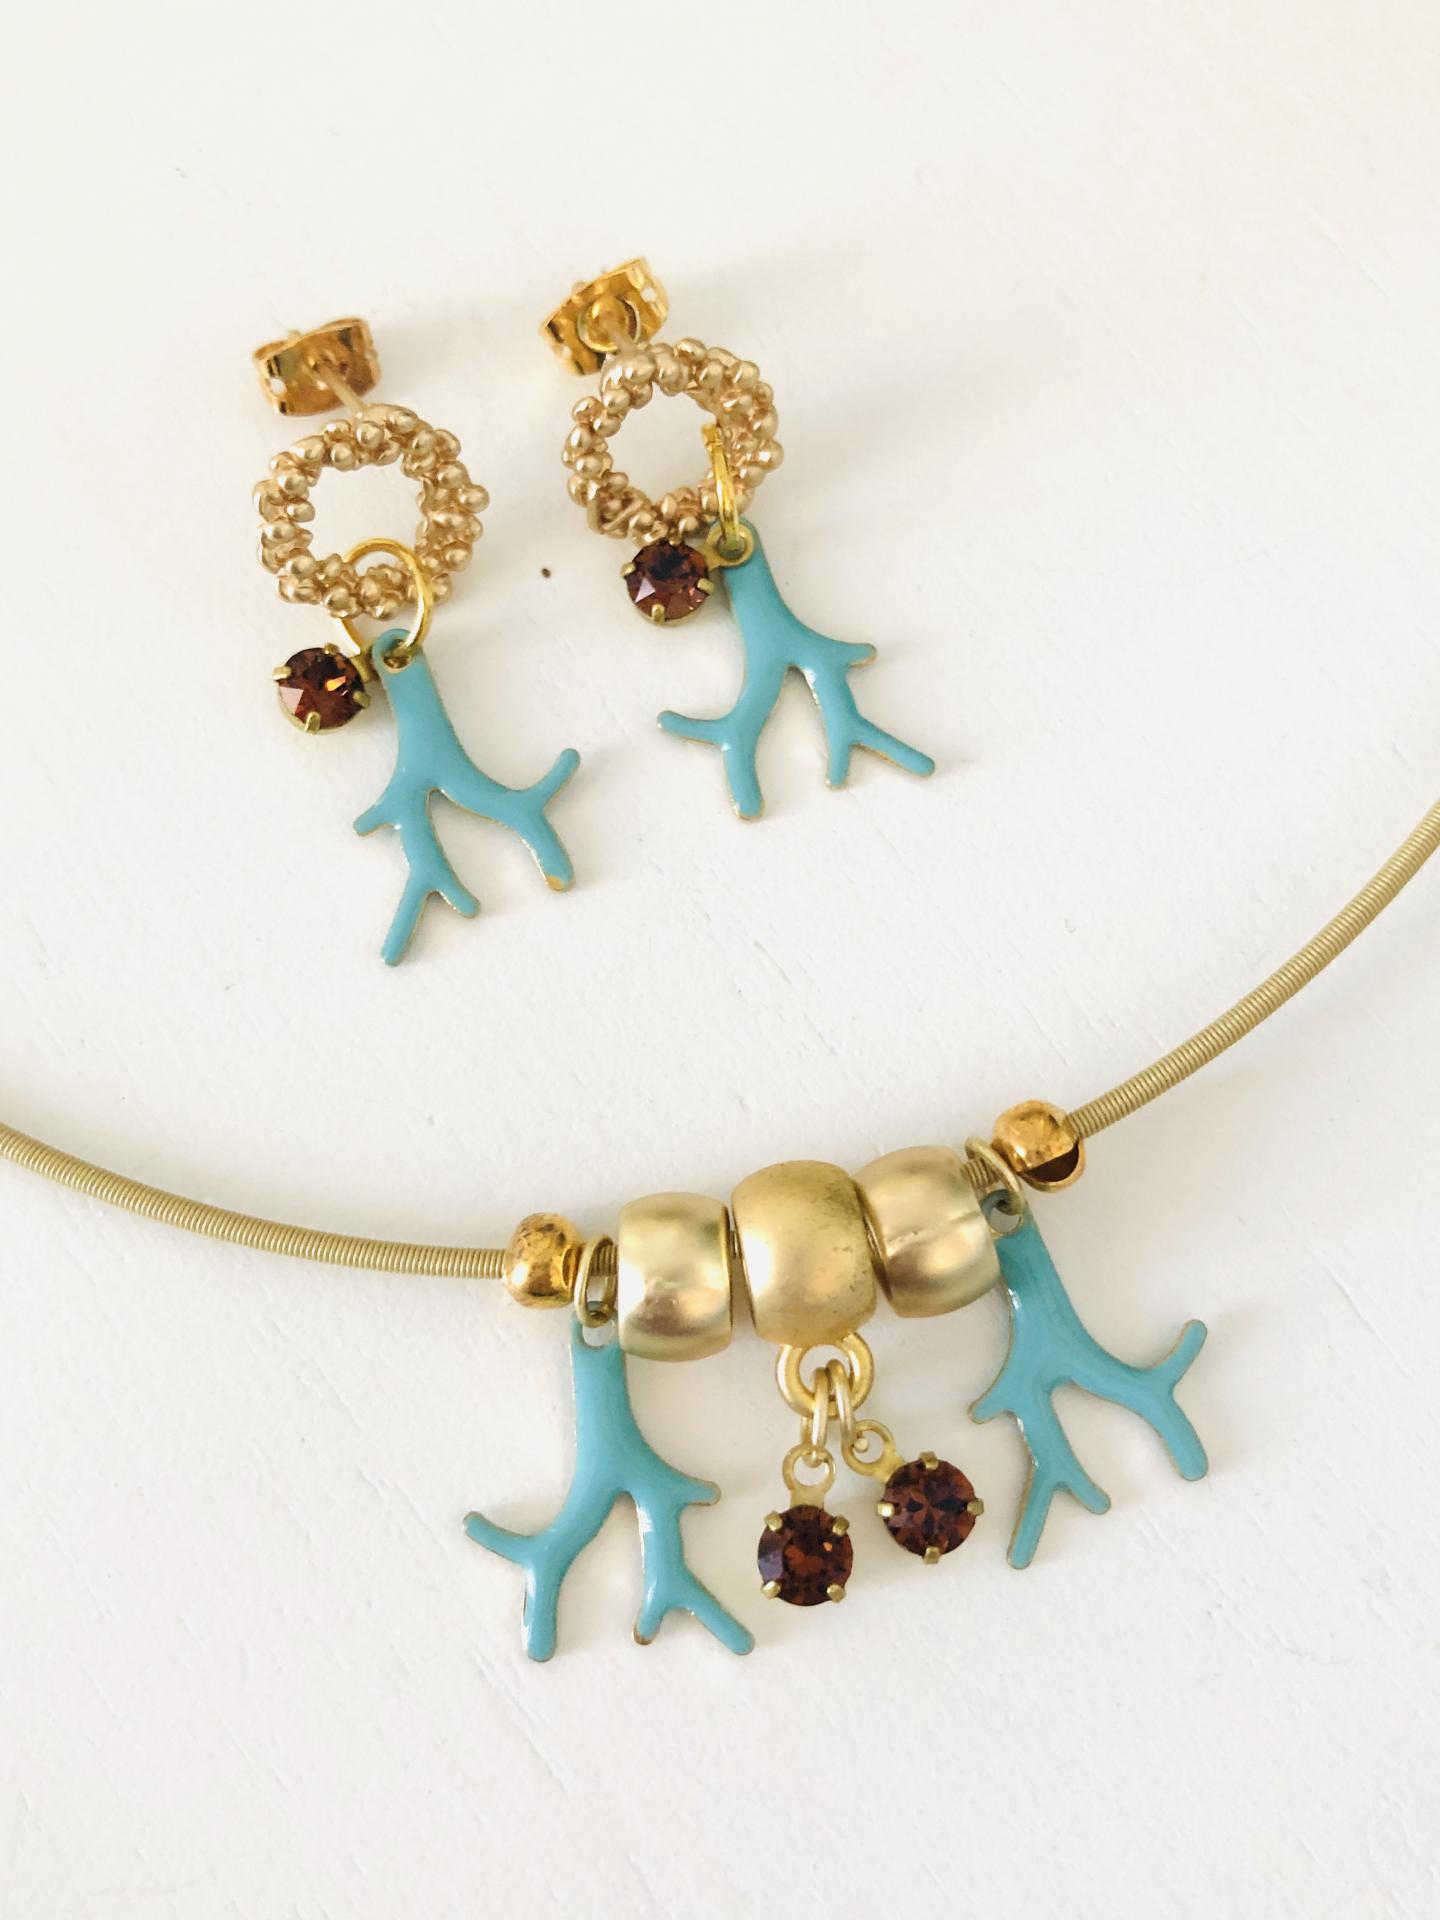 Conjunto de collar y pendientes dorados con cristal Swarovski  y esmalte turquesa